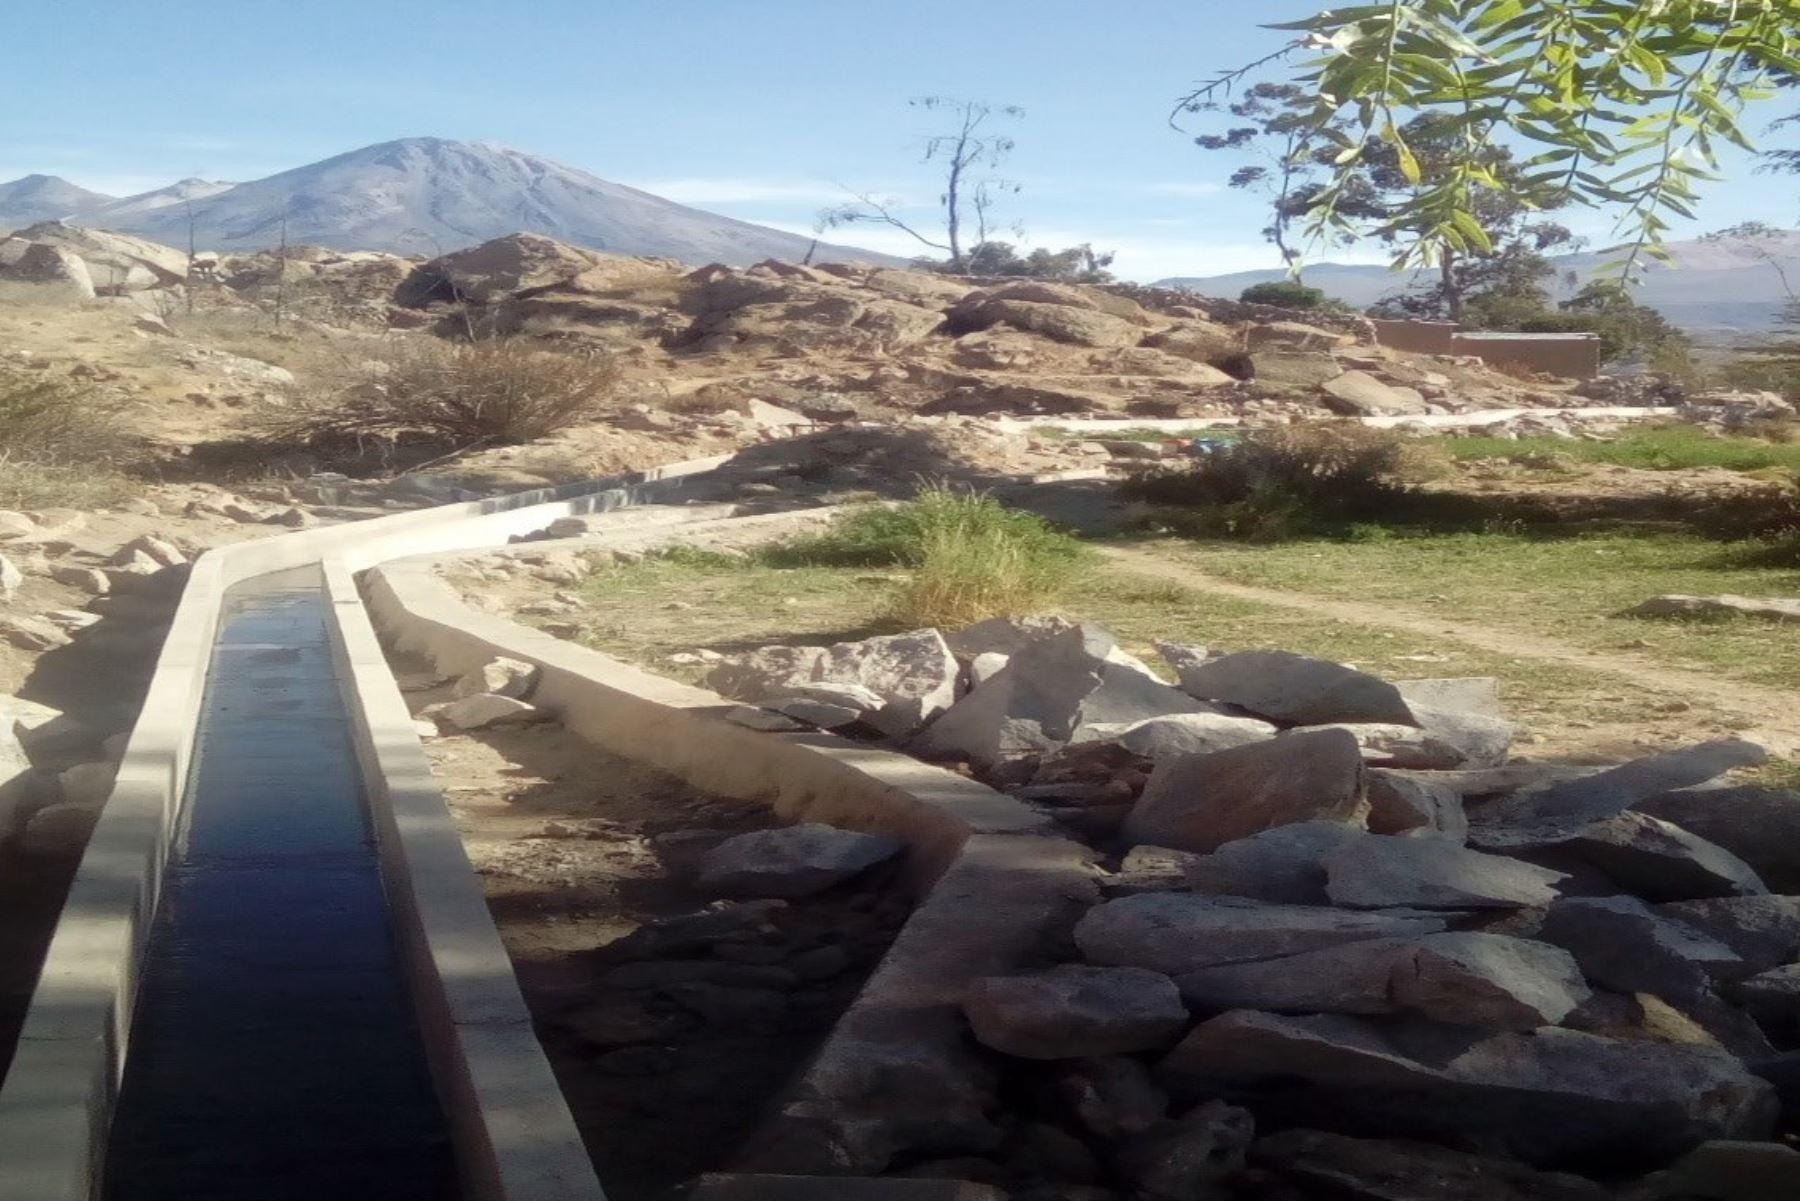 Ministerio de Agricultura impulsará proyectos para dinamizar actividad agrícola en Tacna. ANDINA/Difusión